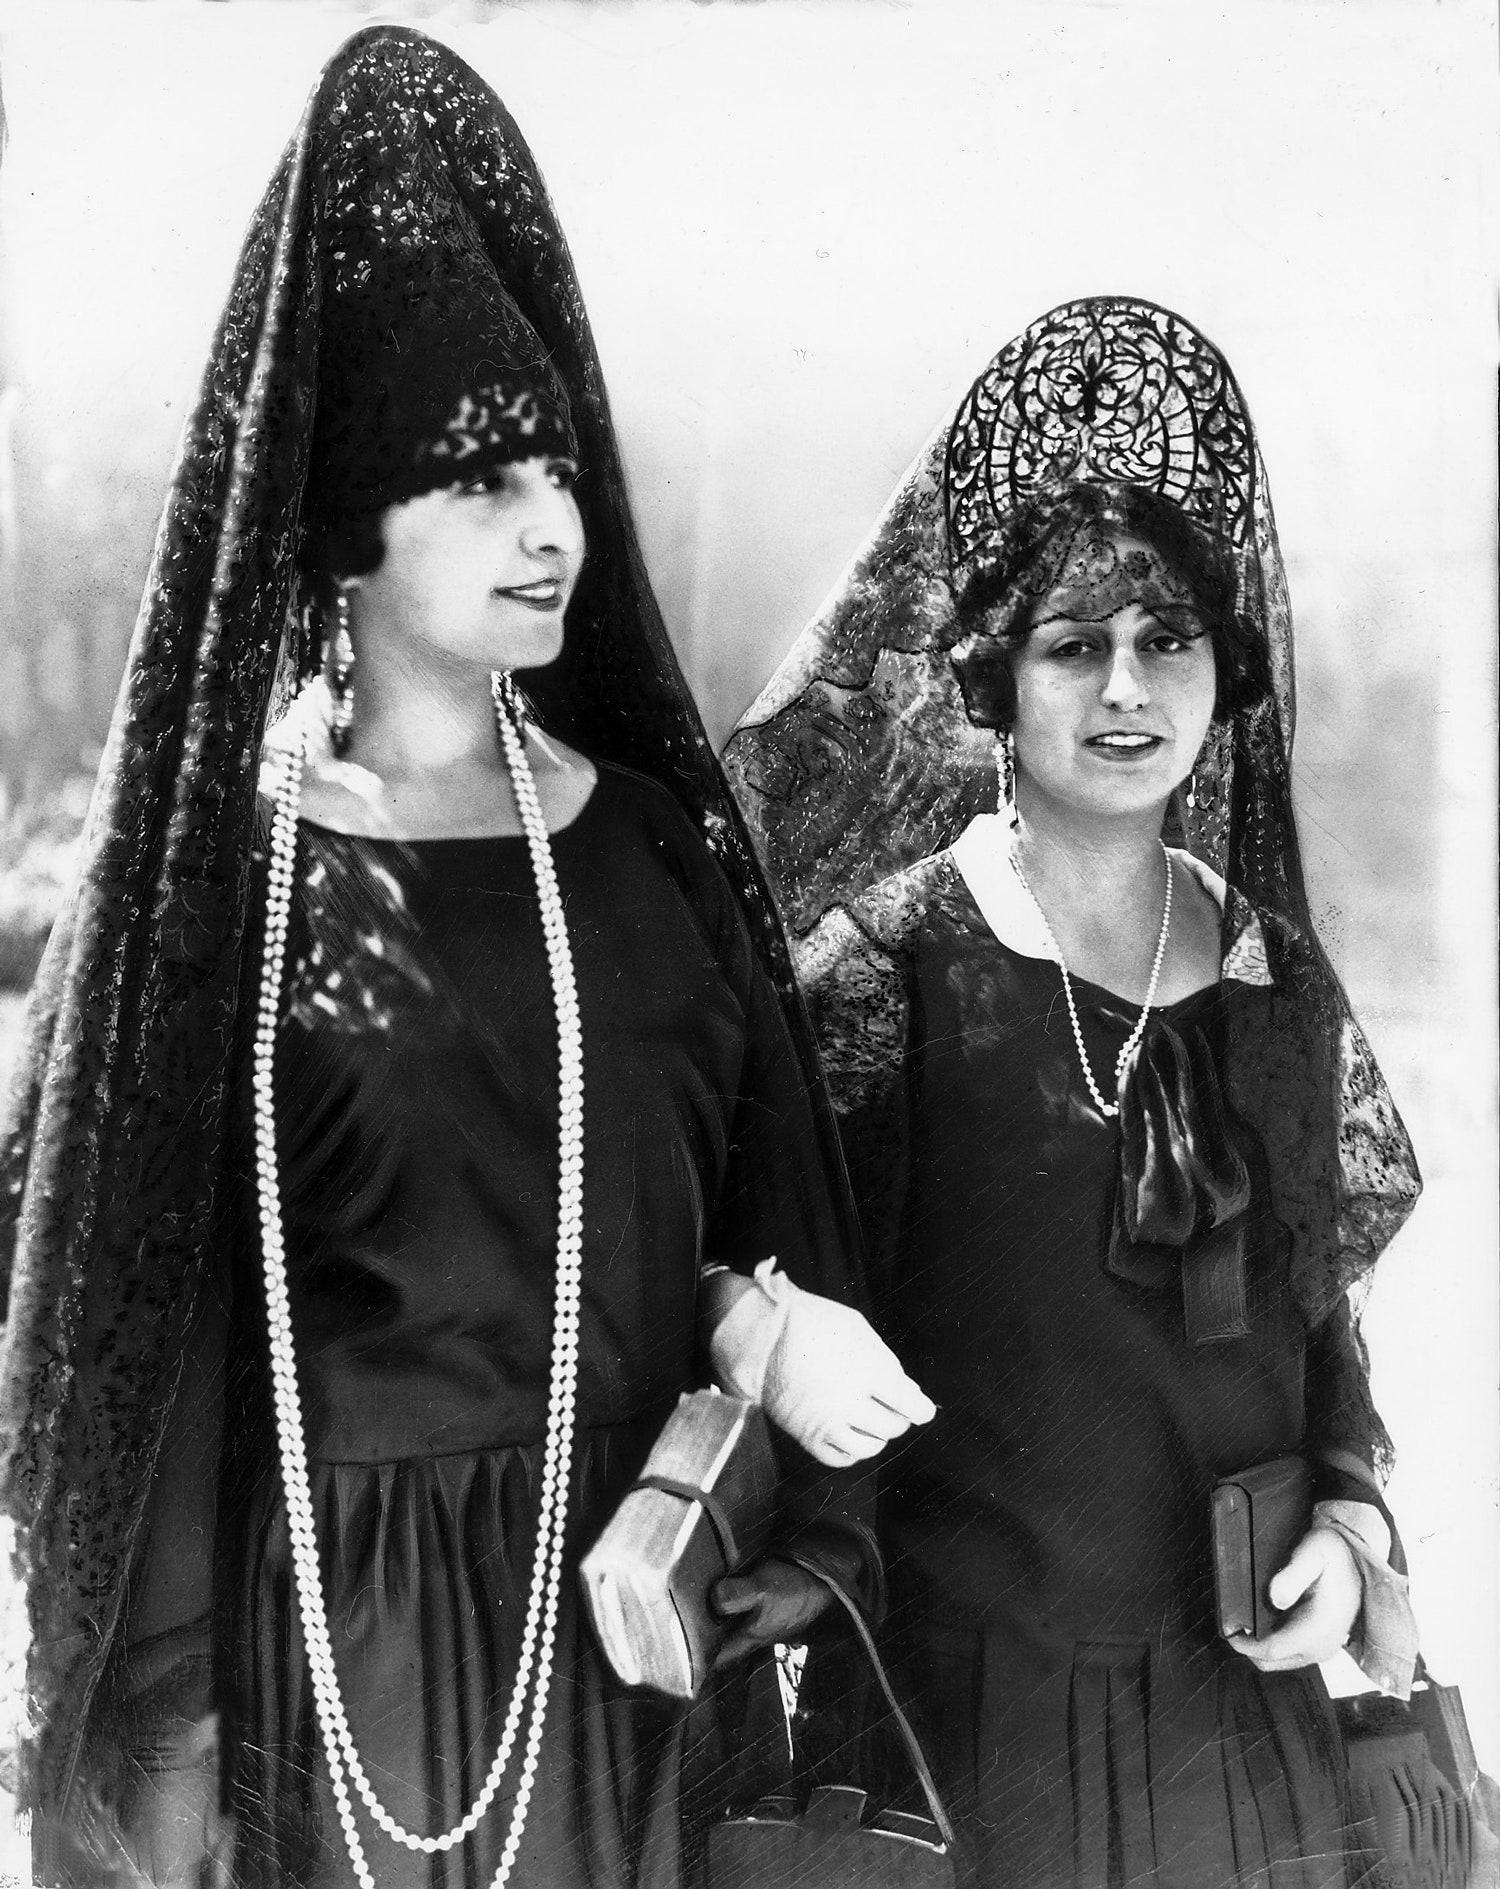 Русские промыслы: Балахнинское кружево, история, особенности, фото Vogue